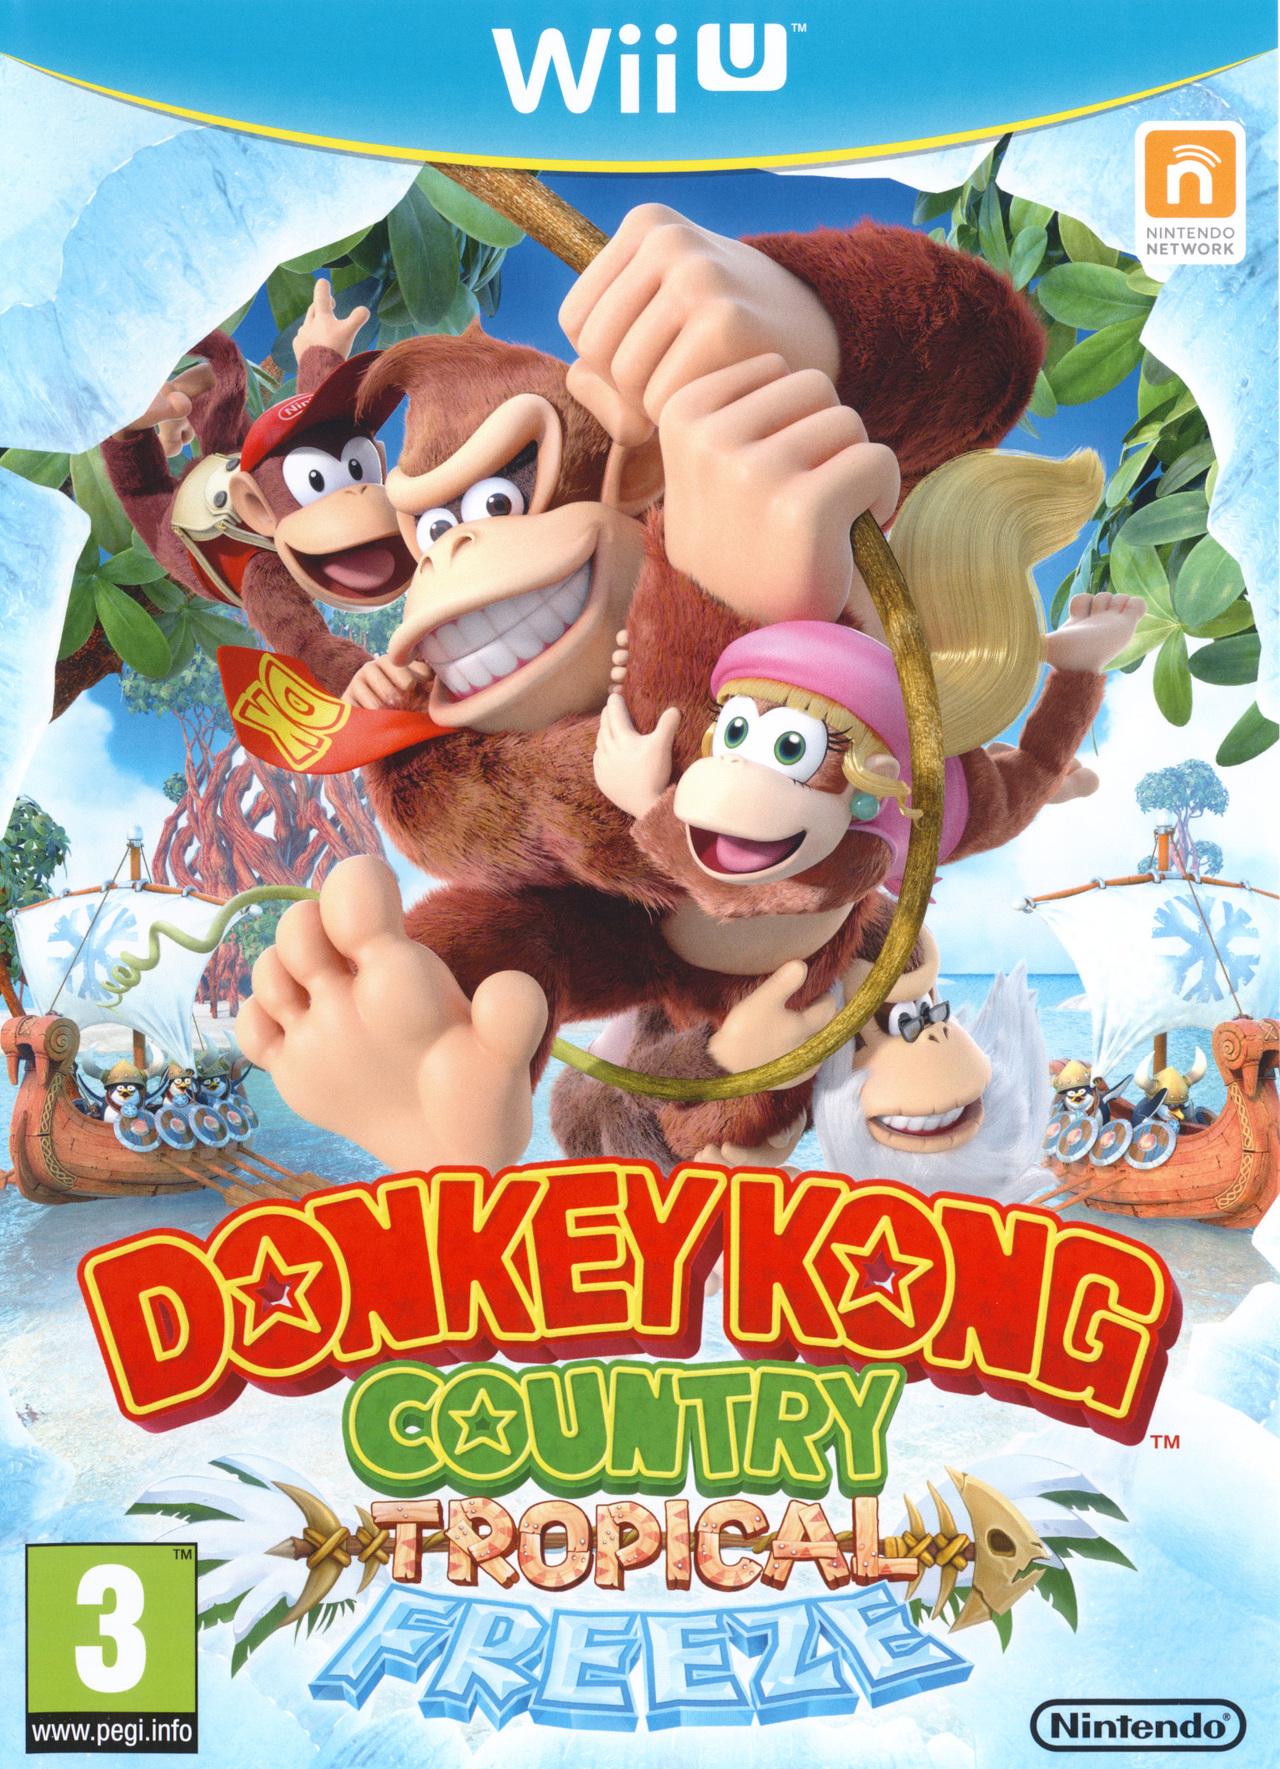 votre dernier jeu terminé - Page 3 Jaquette-donkey-kong-country-tropical-freeze-wii-u-wiiu-cover-avant-g-1392974712